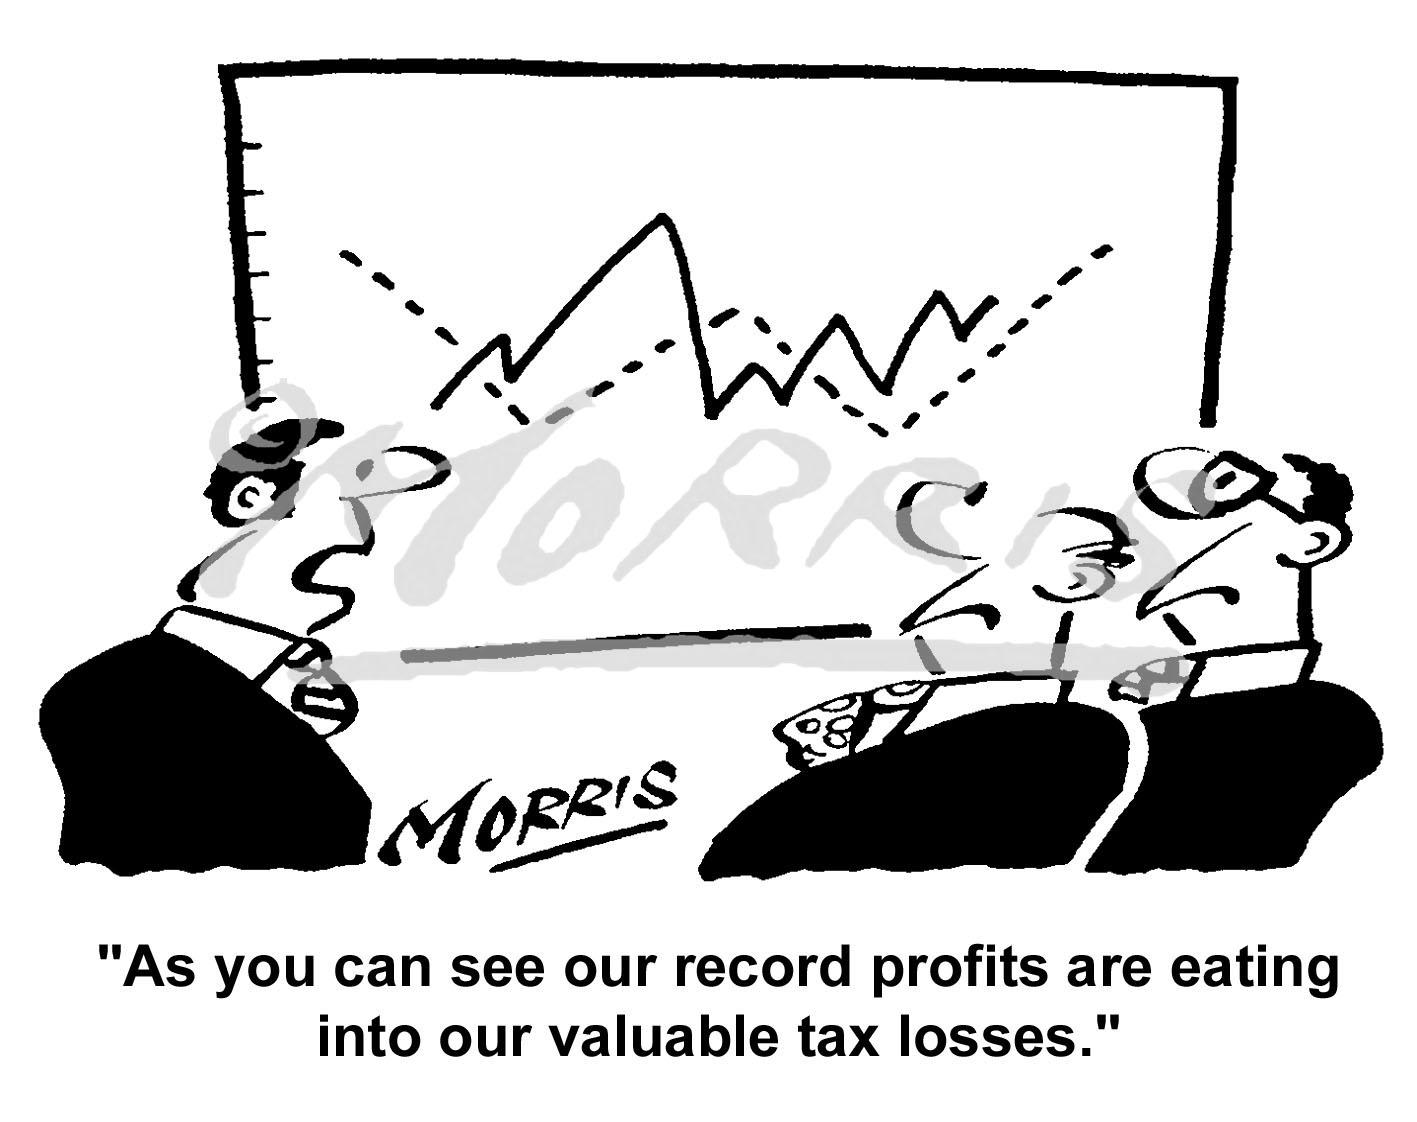 Record profits tax losses cartoon – Ref: 5041bw